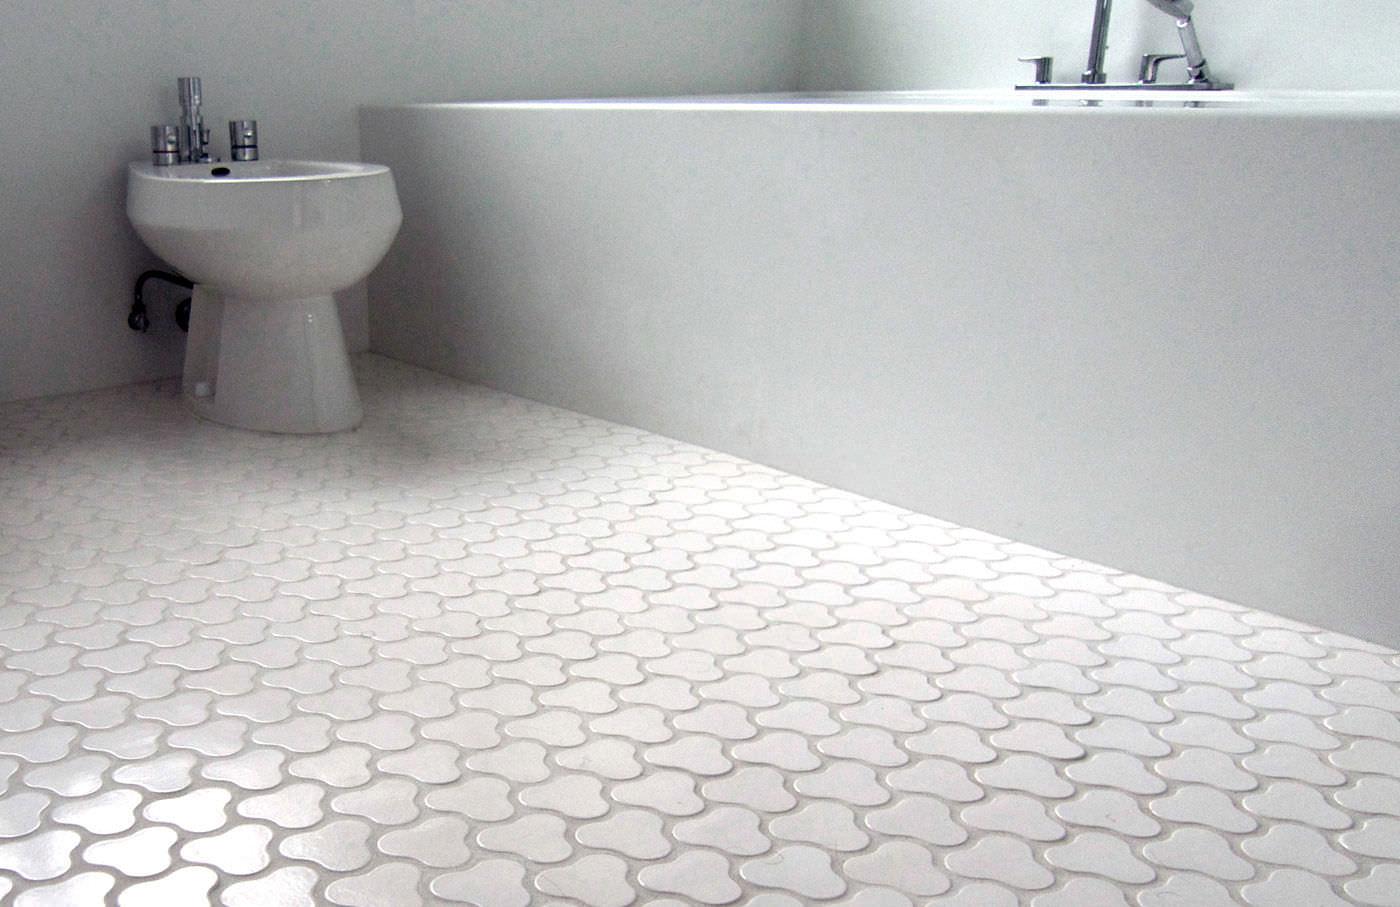 Bathroom floor tiles pebble UOKSDHY